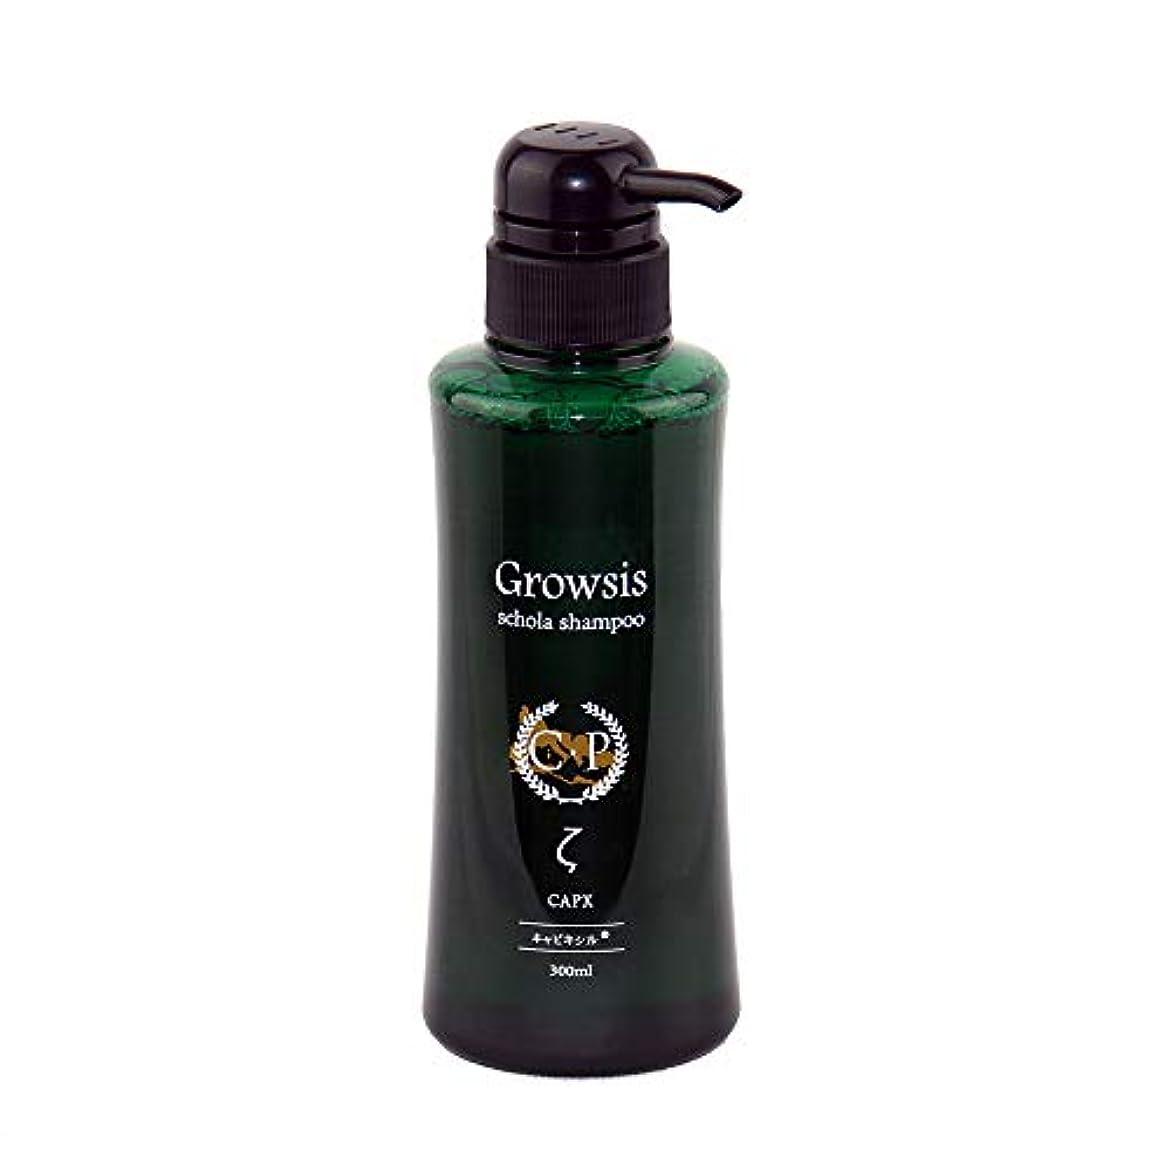 累計温帯レイア抜け毛に悩んだらグロウシス スコラシャンプー ゼータ 300ml 「ミノキシジル」の3倍効果「キャピキシル」を業界最高濃度配合 うるおい成分「ベタイン」と「シラノール(ケイ素)」増量、ふけ、かゆみにも悩む人に。